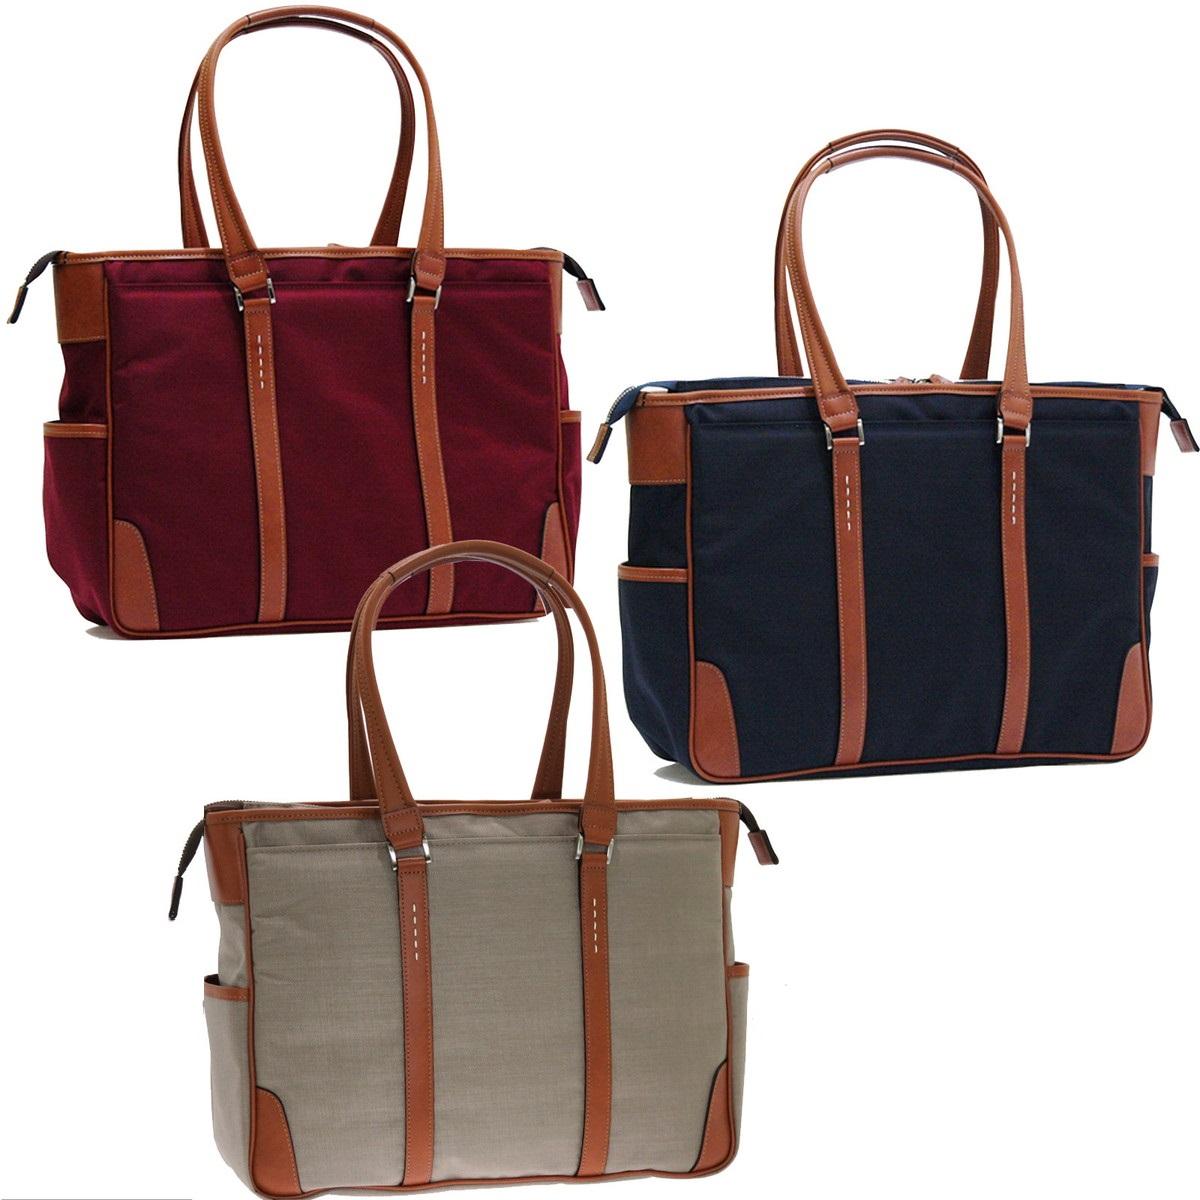 トートバッグ 日本 鞄 ビジネス 仕事 通勤鞄 通勤 テフロン加工ビートテックスビジネストート ベージュ 日本製 japan